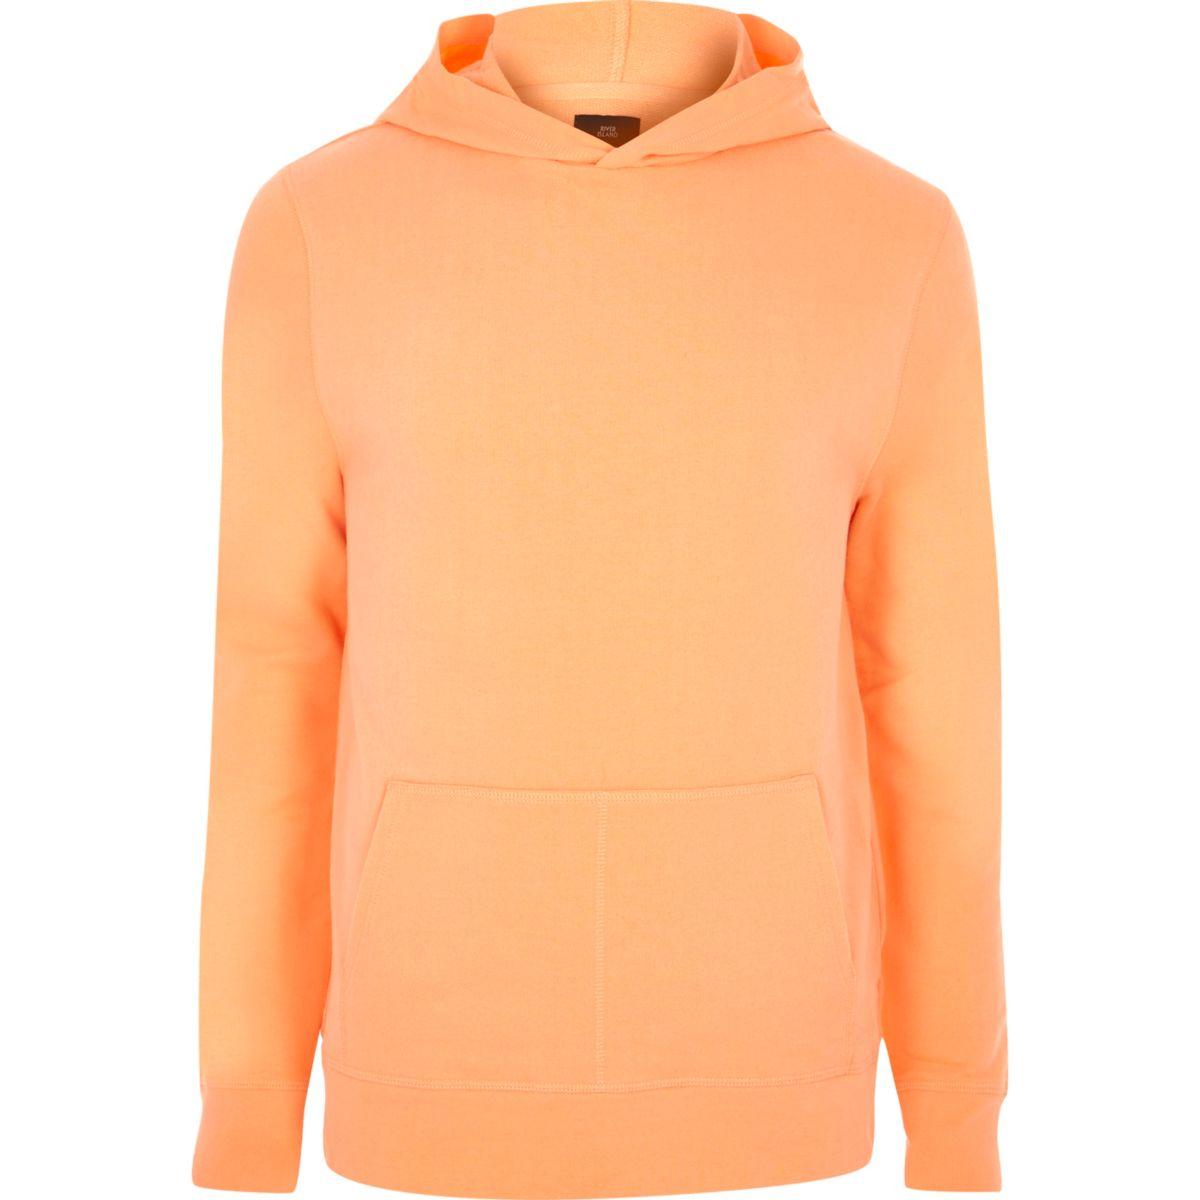 Orange long sleeve hoodie